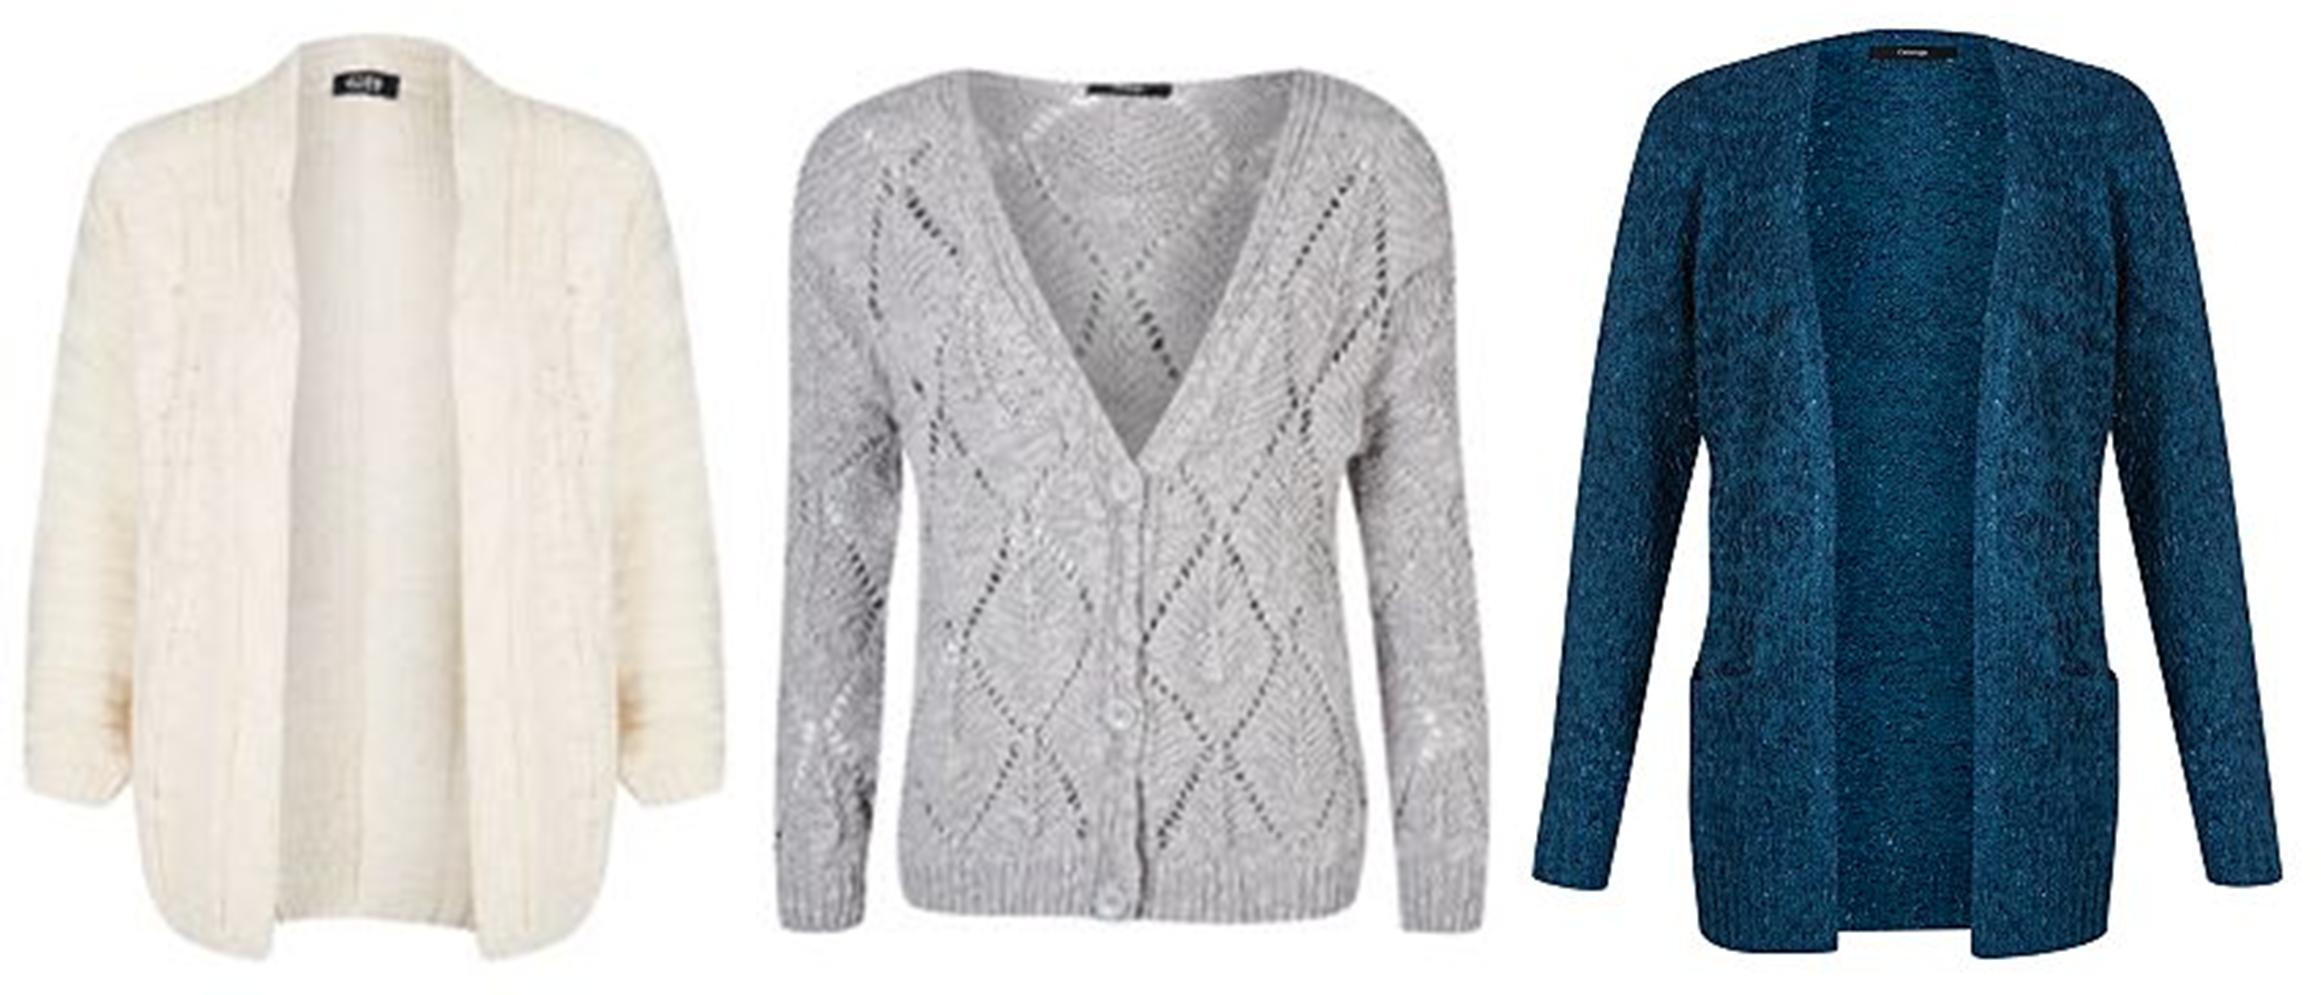 ef46b922ad33 Thrifty Fashion ~ Top wardrobe additions for milder days